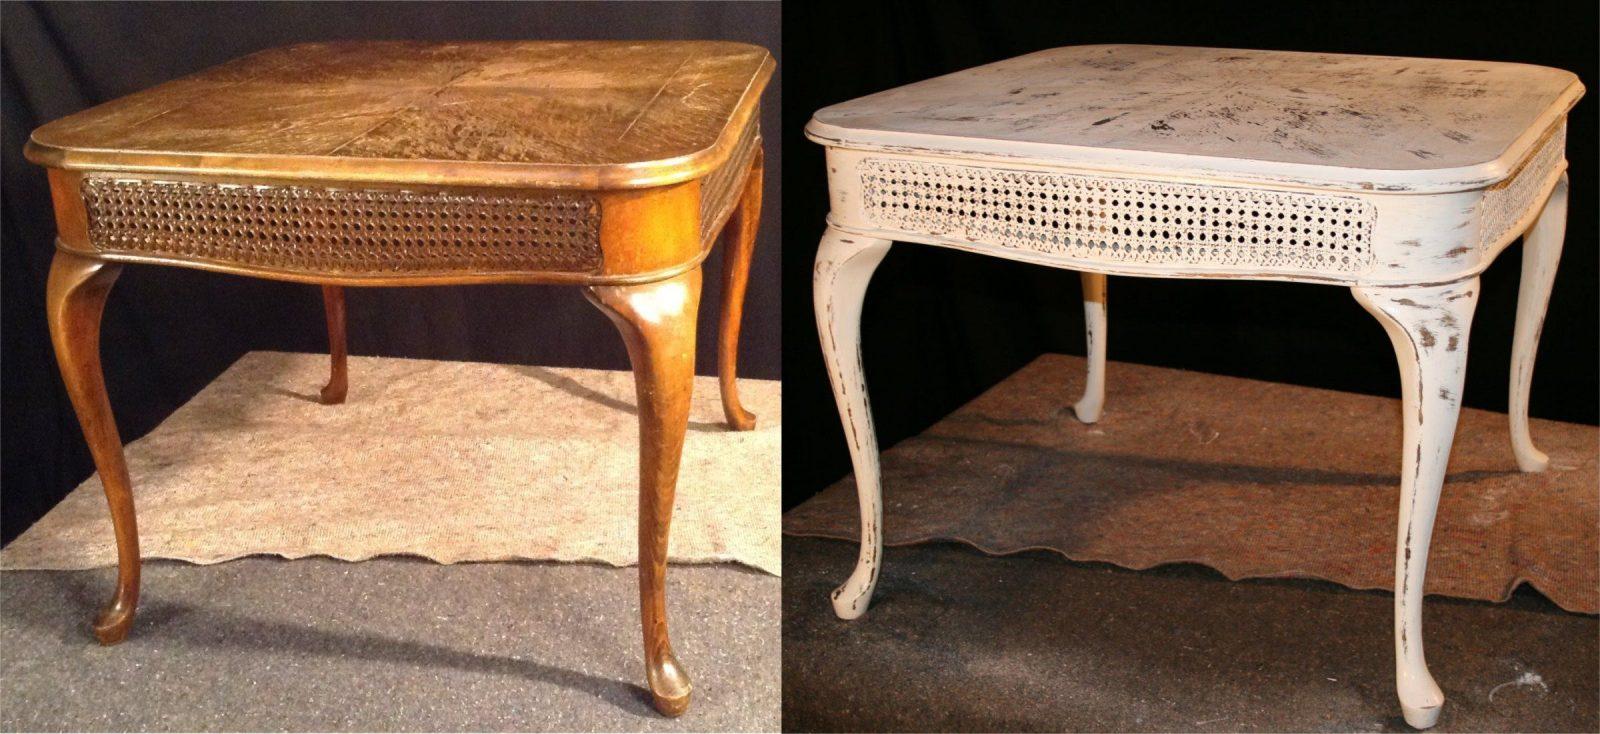 Alte Tische Amazing Die Besten Alte Tische Ideen Auf Pinterest Alte